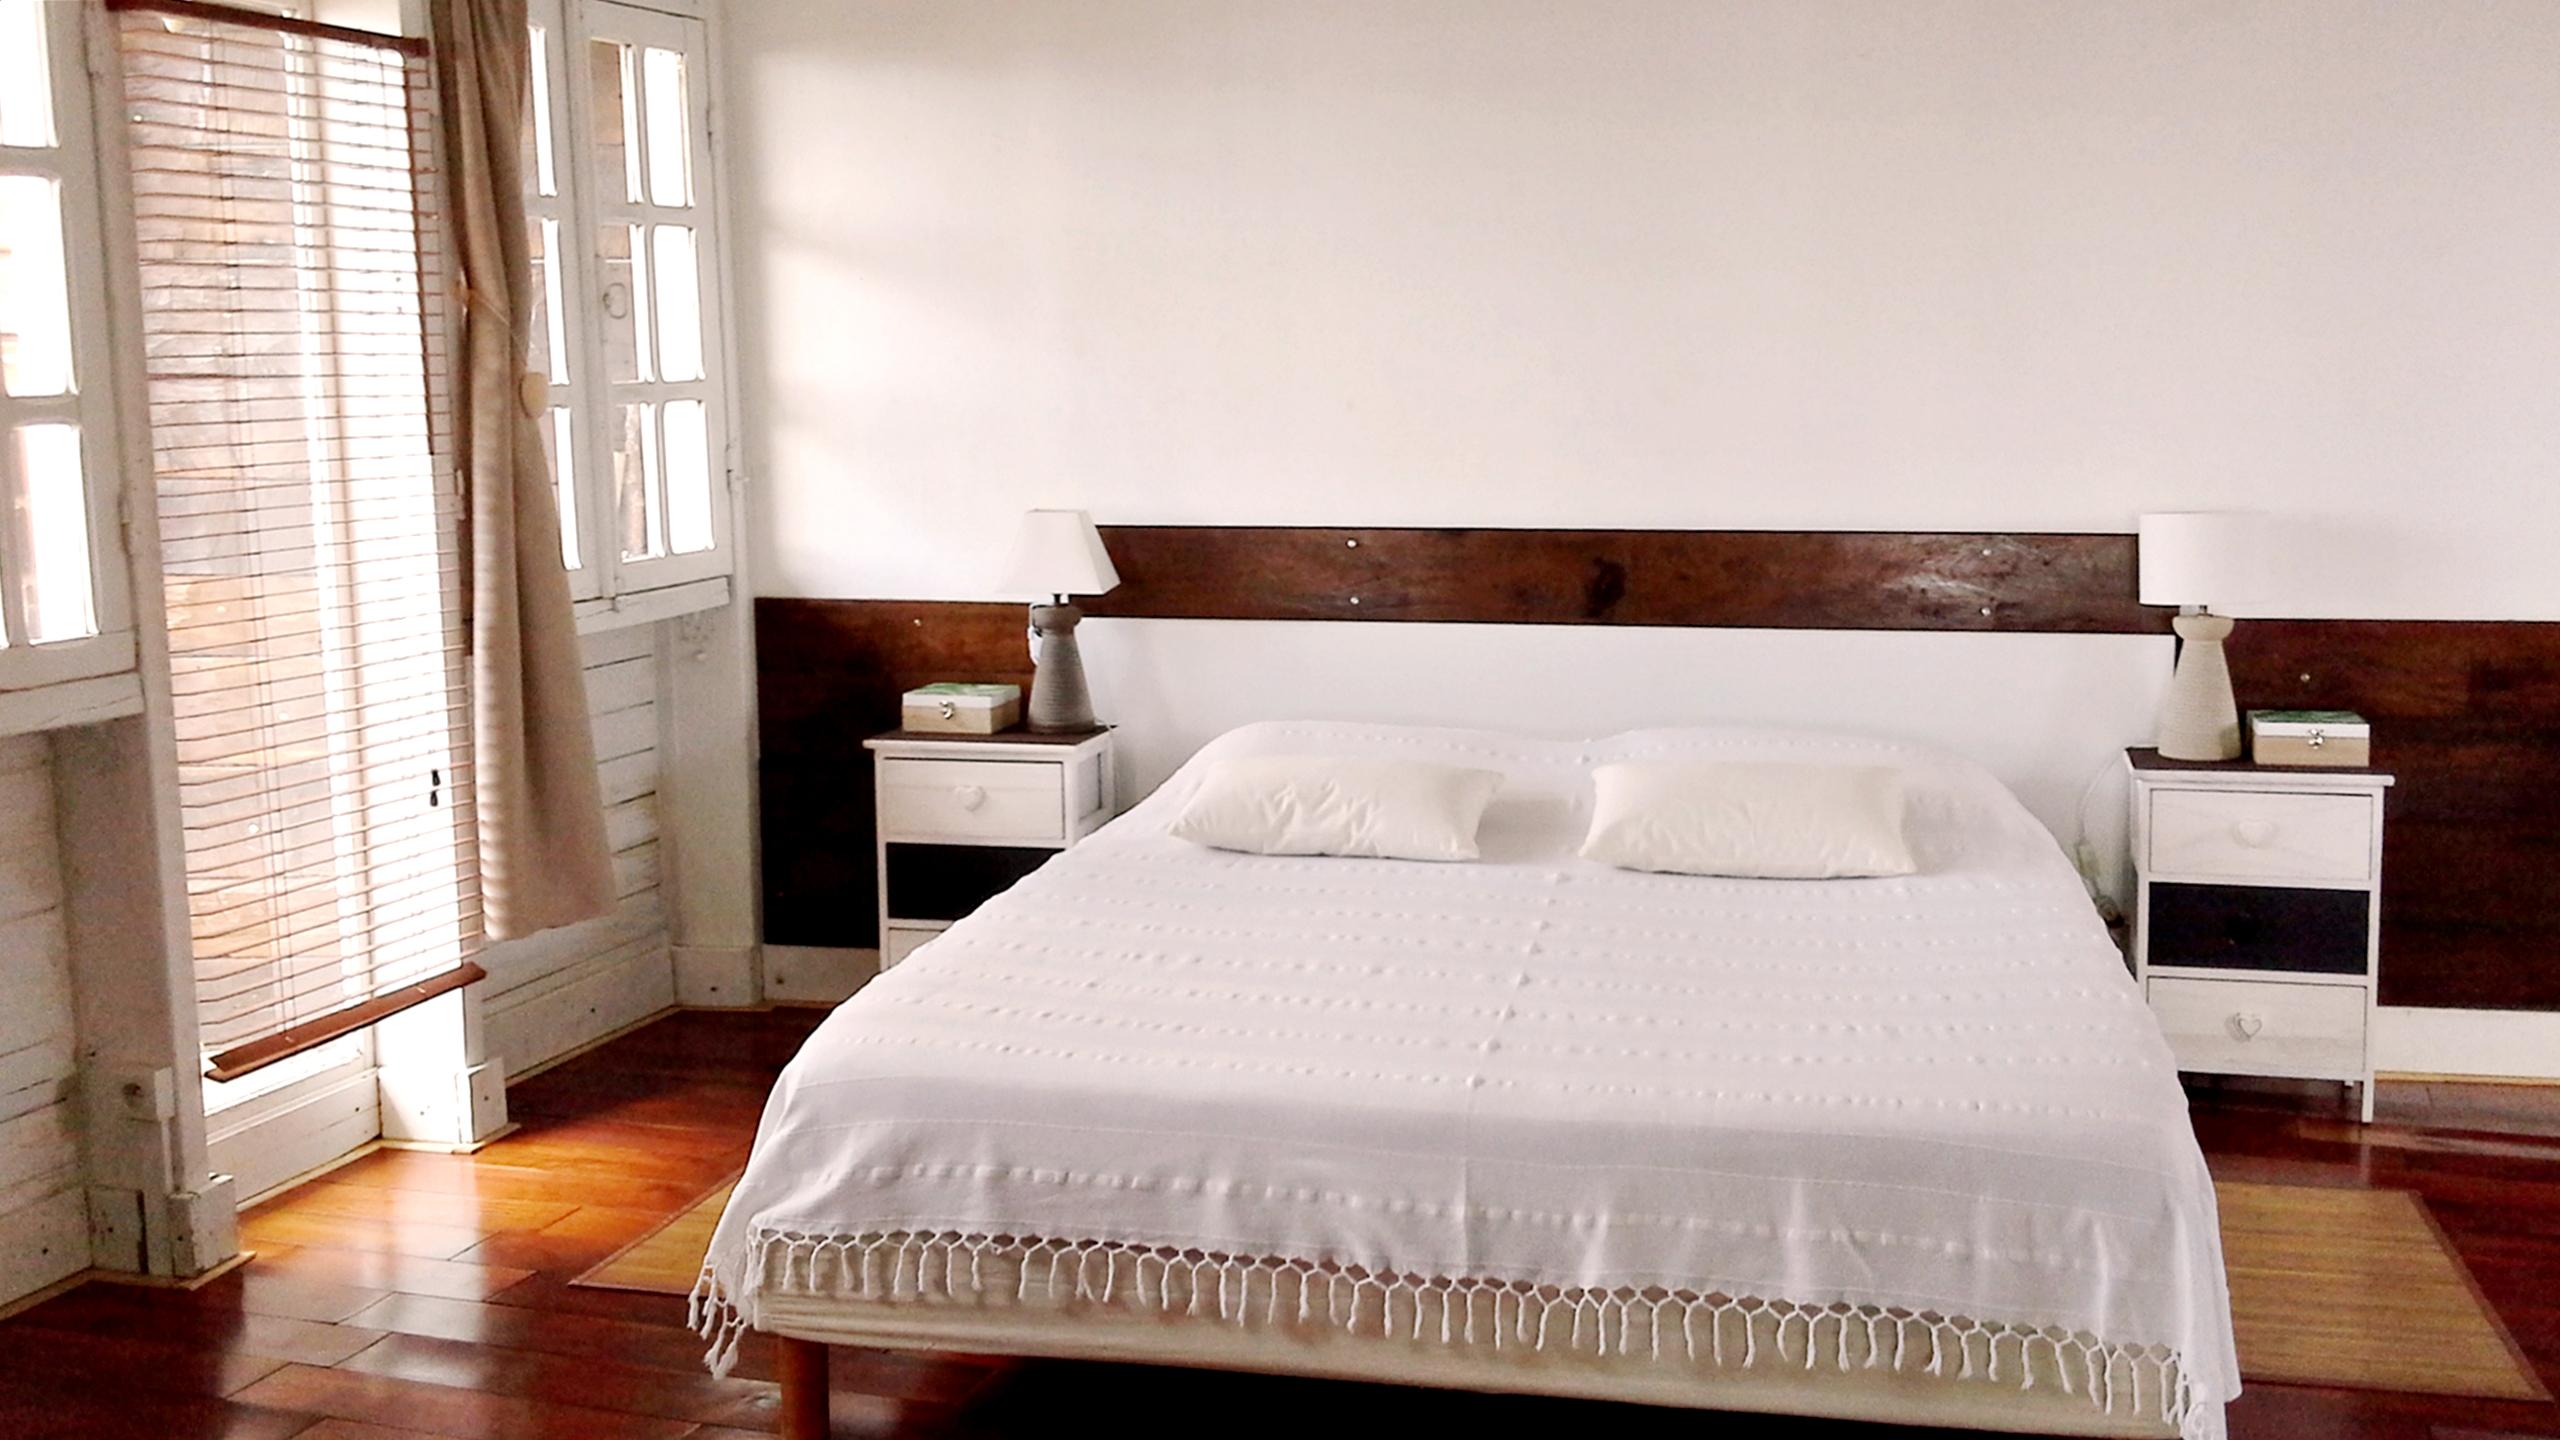 lit-confortable-la-maison-claire